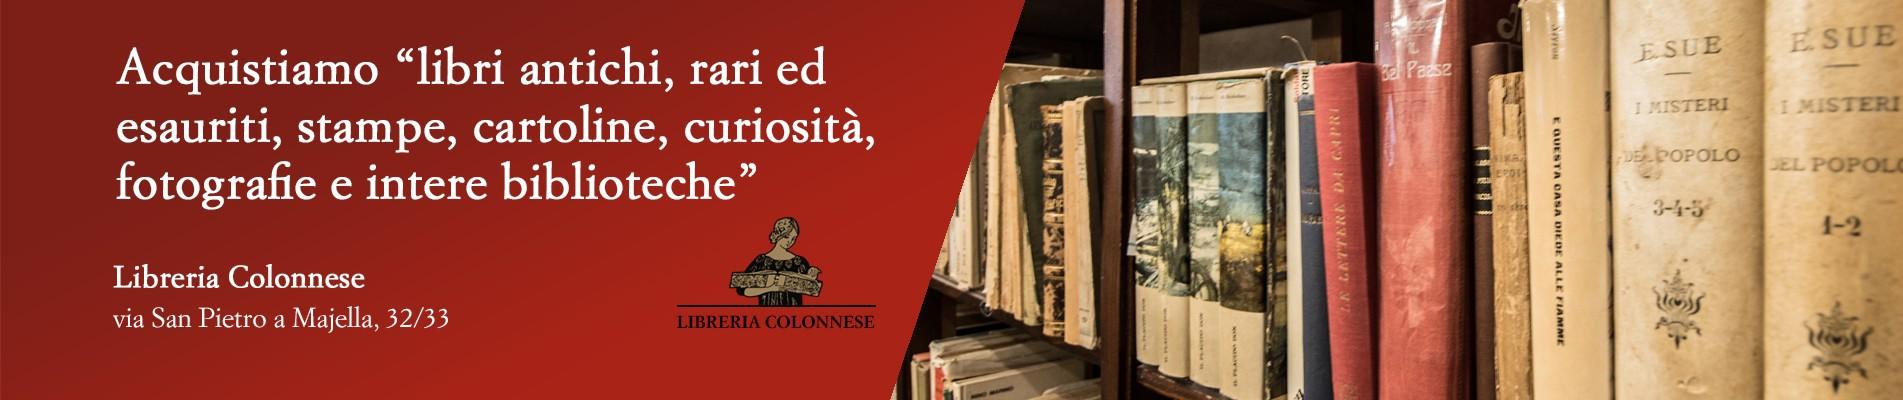 Libri Antichi & Rari